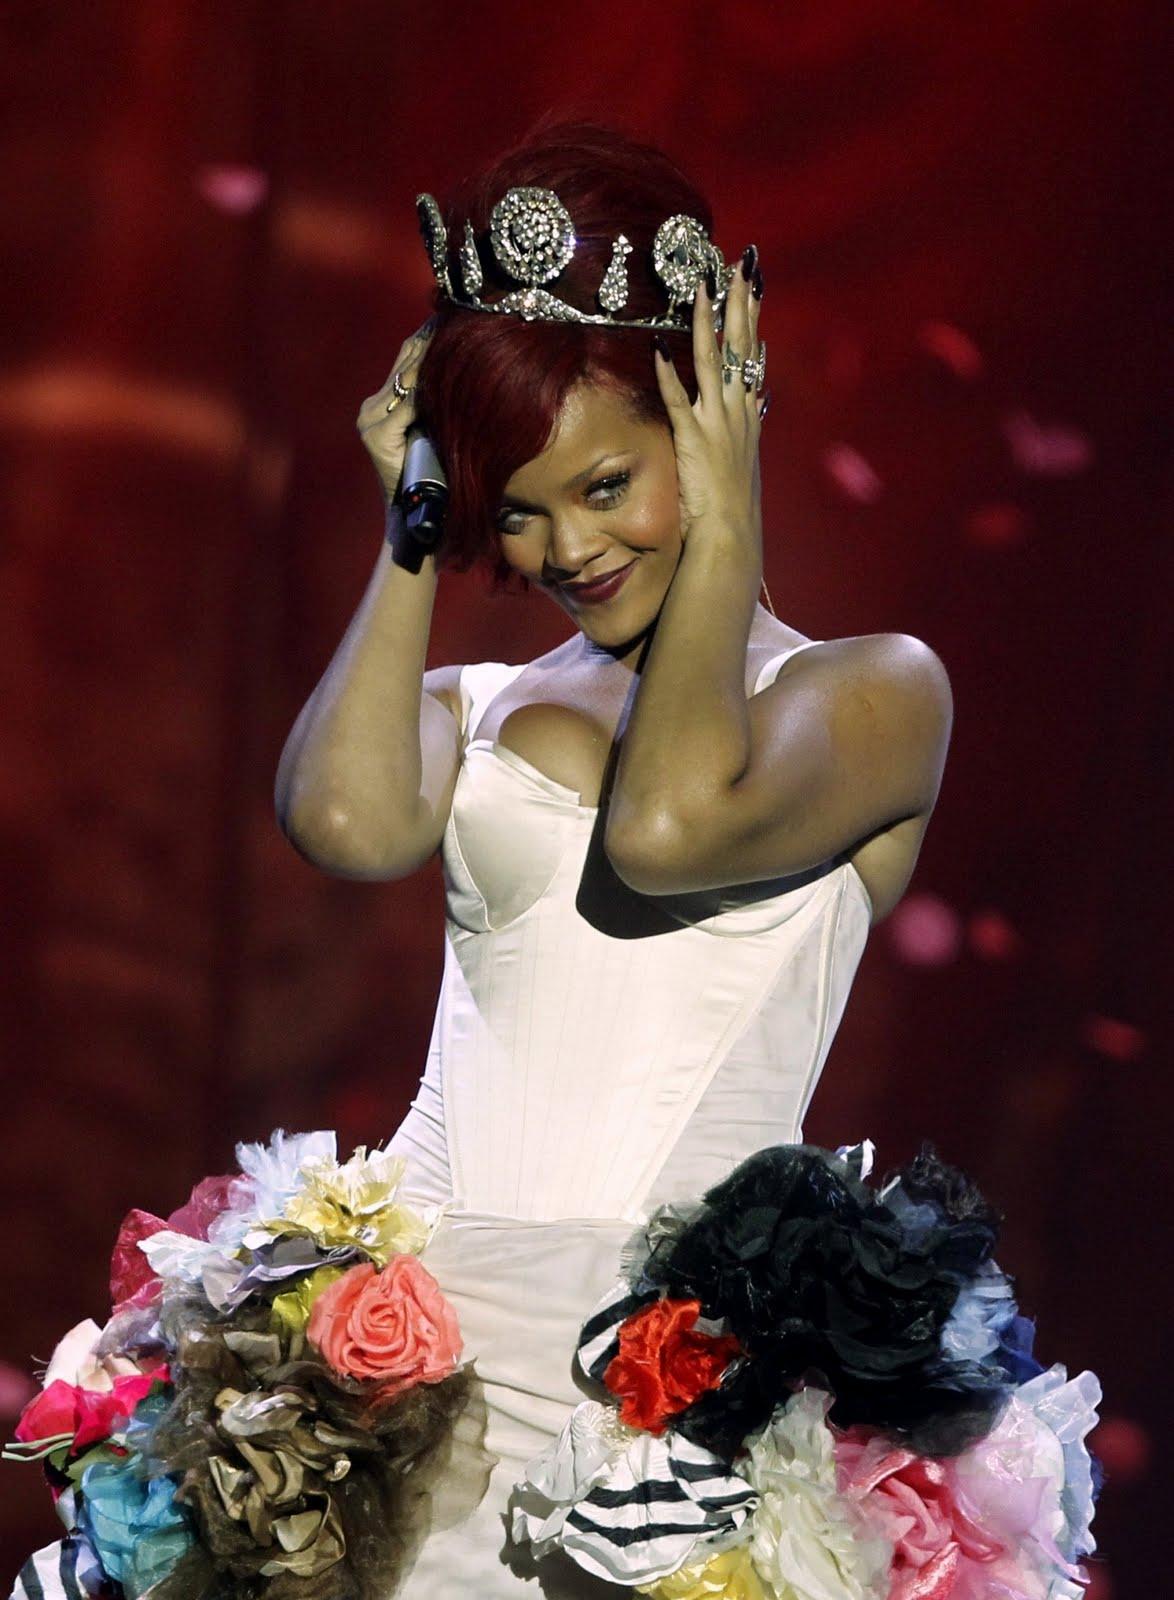 http://4.bp.blogspot.com/-JEhXhFLEHzw/TWJCo_sUiFI/AAAAAAAAAPo/kZacyLcNrTI/s1600/Rihanna%2B%25E2%2580%2593%2B2010%2BMTV%2BEurope%2BMusic%2BAwards-221.jpg